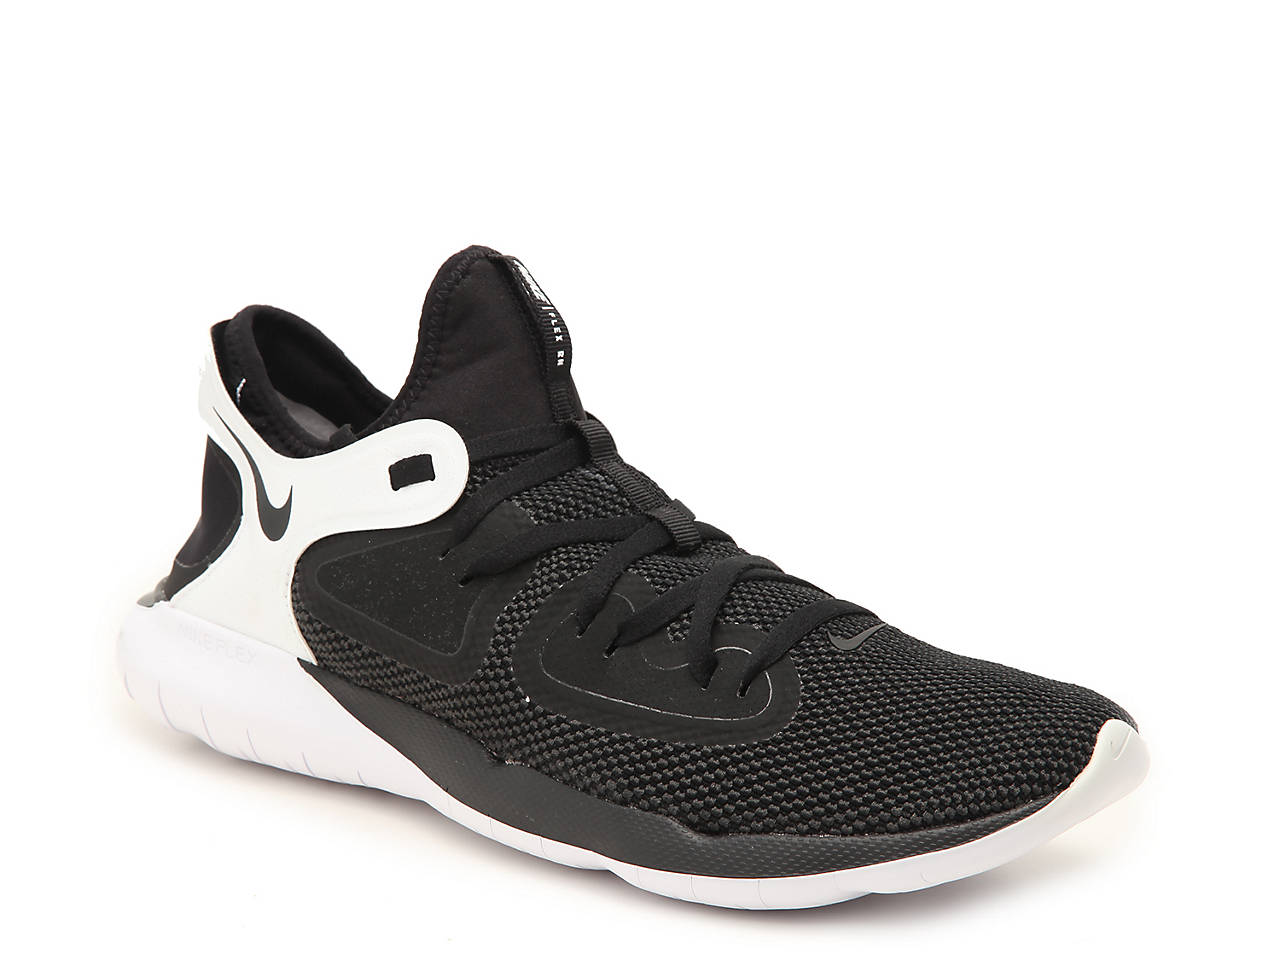 8d8769cd2f94 Nike Flex 2019 RN Lightweight Running Shoe - Men s Men s Shoes